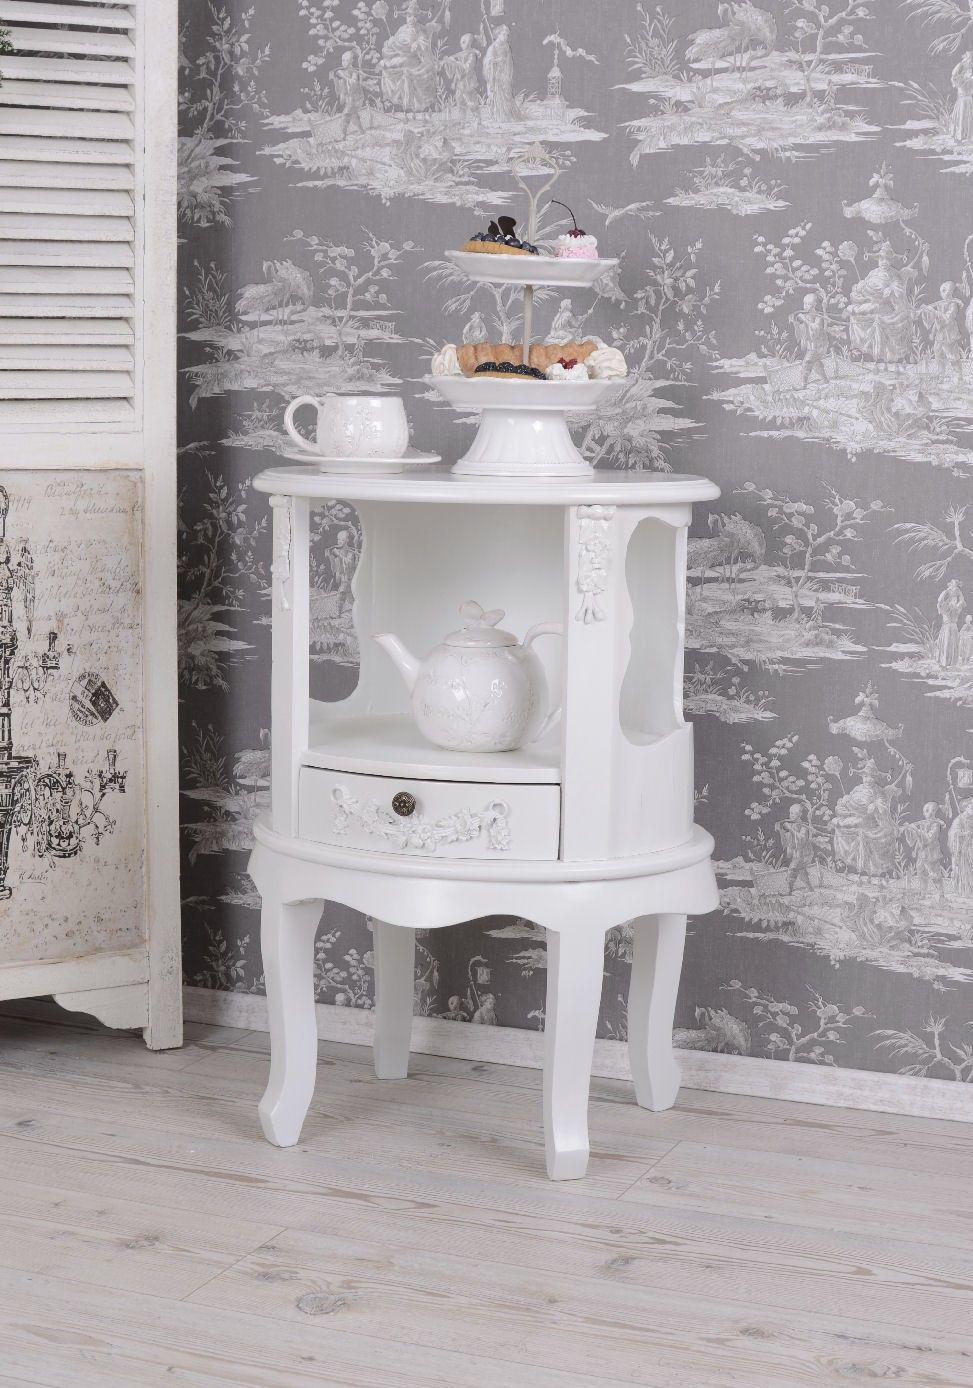 nachttisch shabby chic nierenschrank rokoko nachtschrank. Black Bedroom Furniture Sets. Home Design Ideas